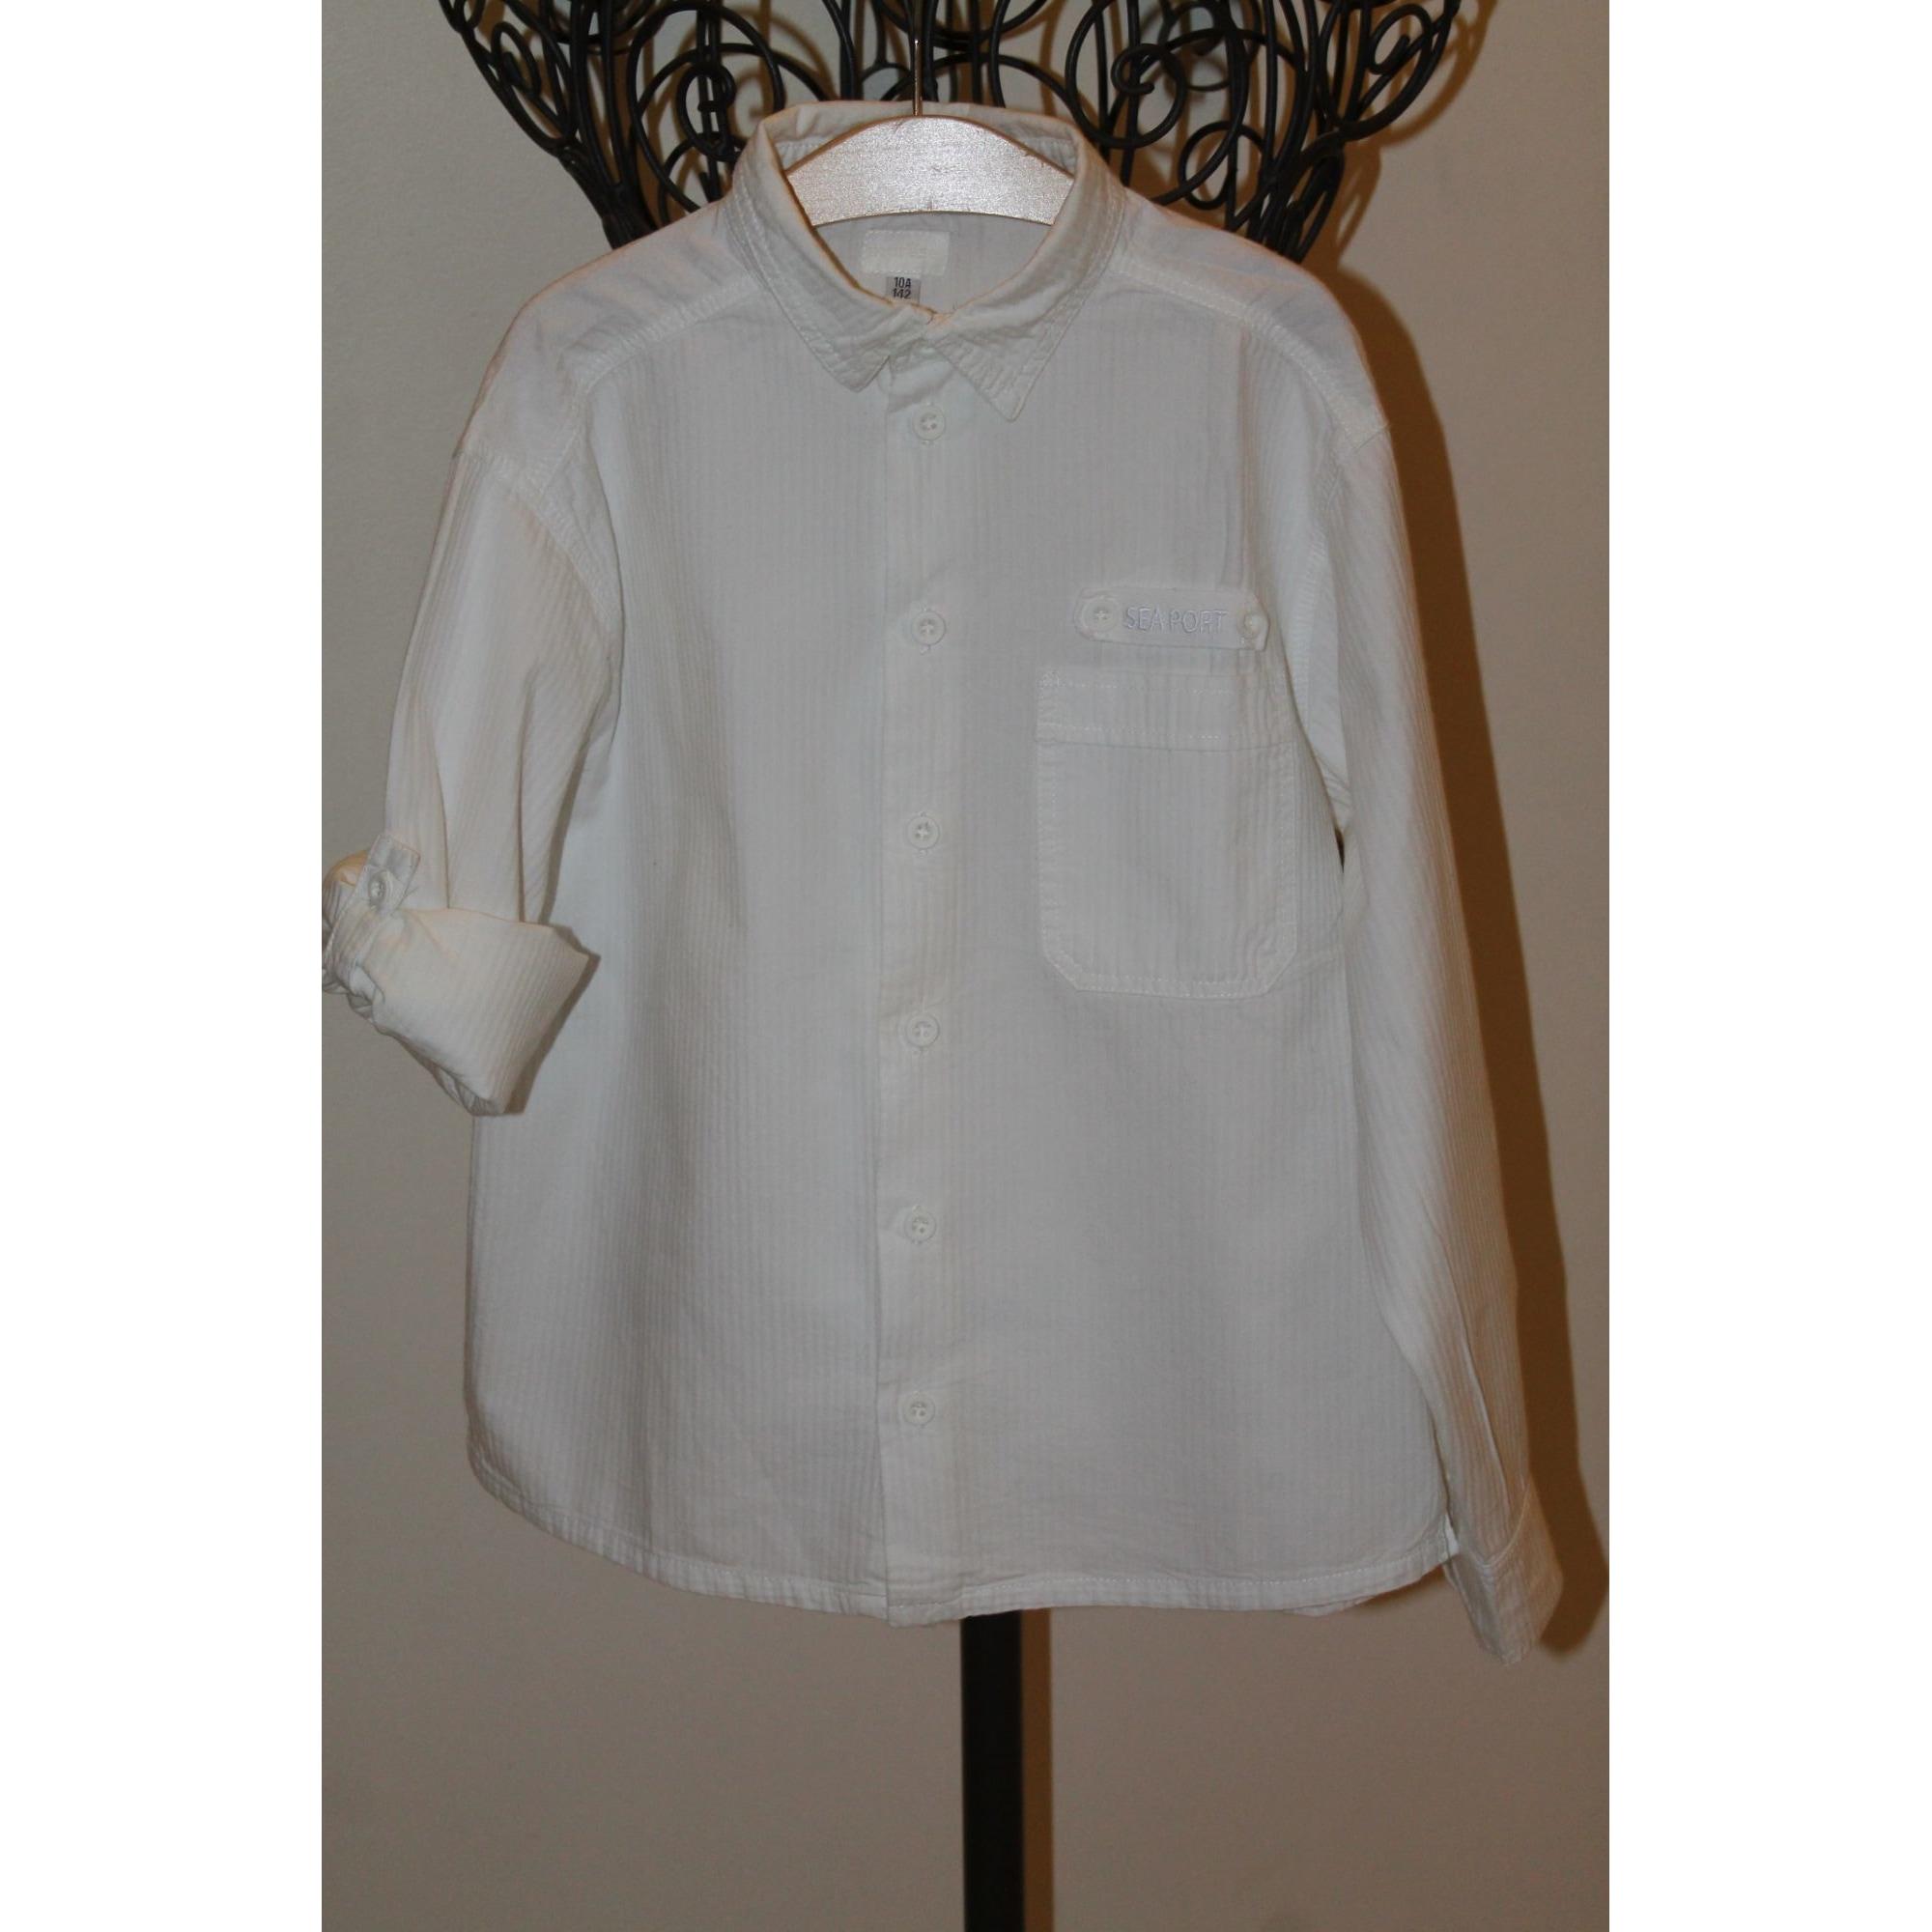 Chemise MARÈSE Blanc, blanc cassé, écru